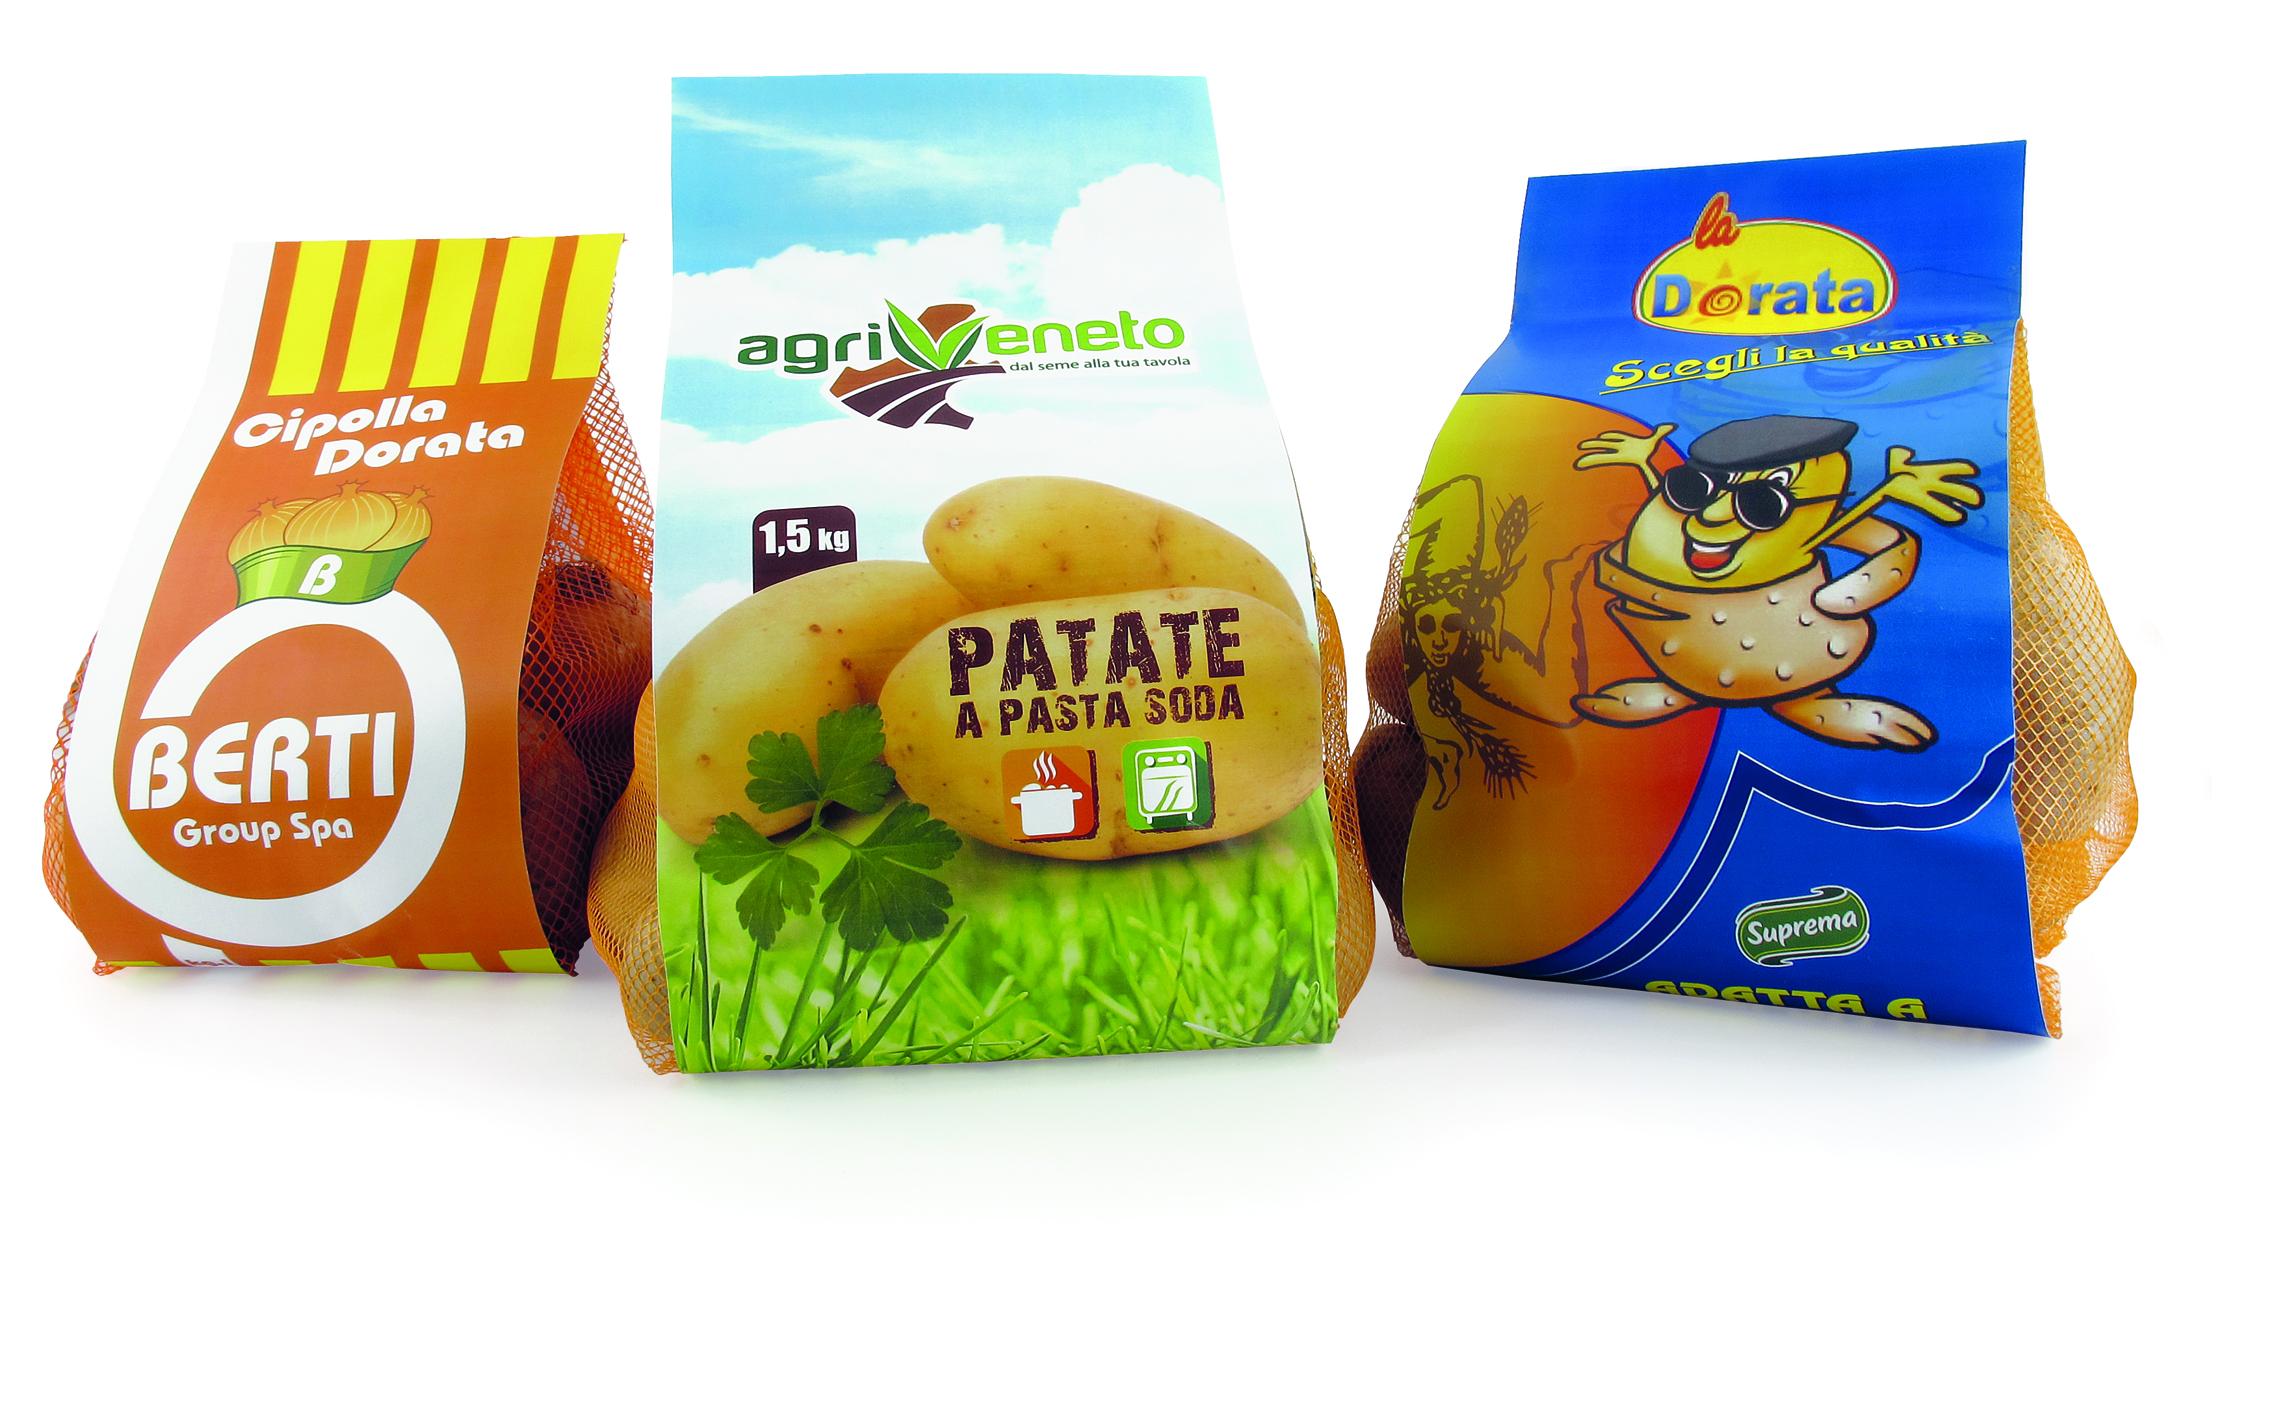 confezioni patate Agriveneto